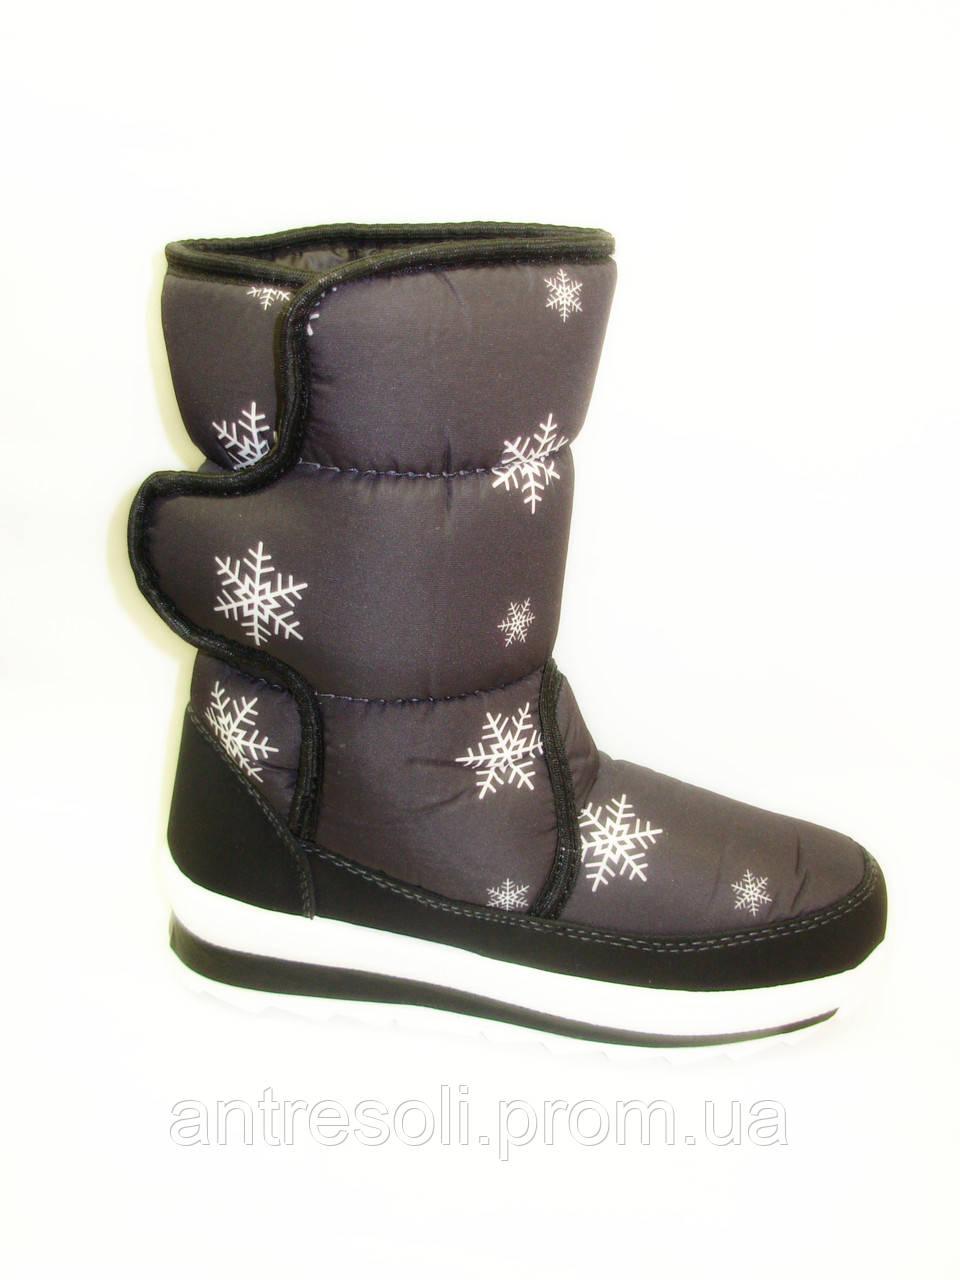 Дутики зимние женские черные снежинки С522 р 40 40